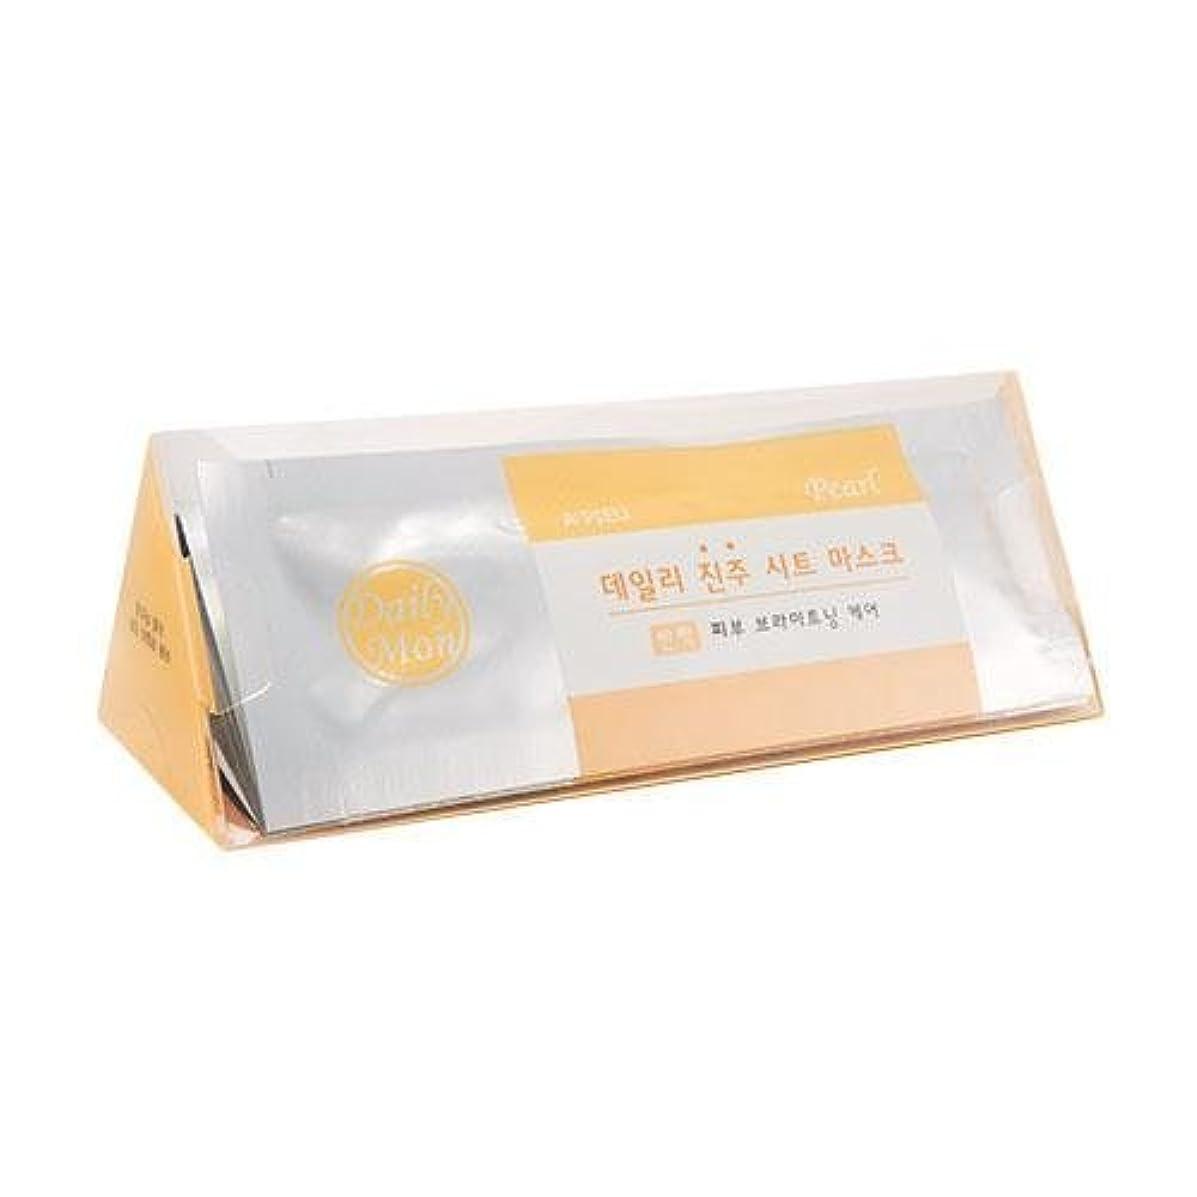 木曜日ゴルフ自動APIEU Daily Pearl Sheet Mask (7EA)/ Made in Korea